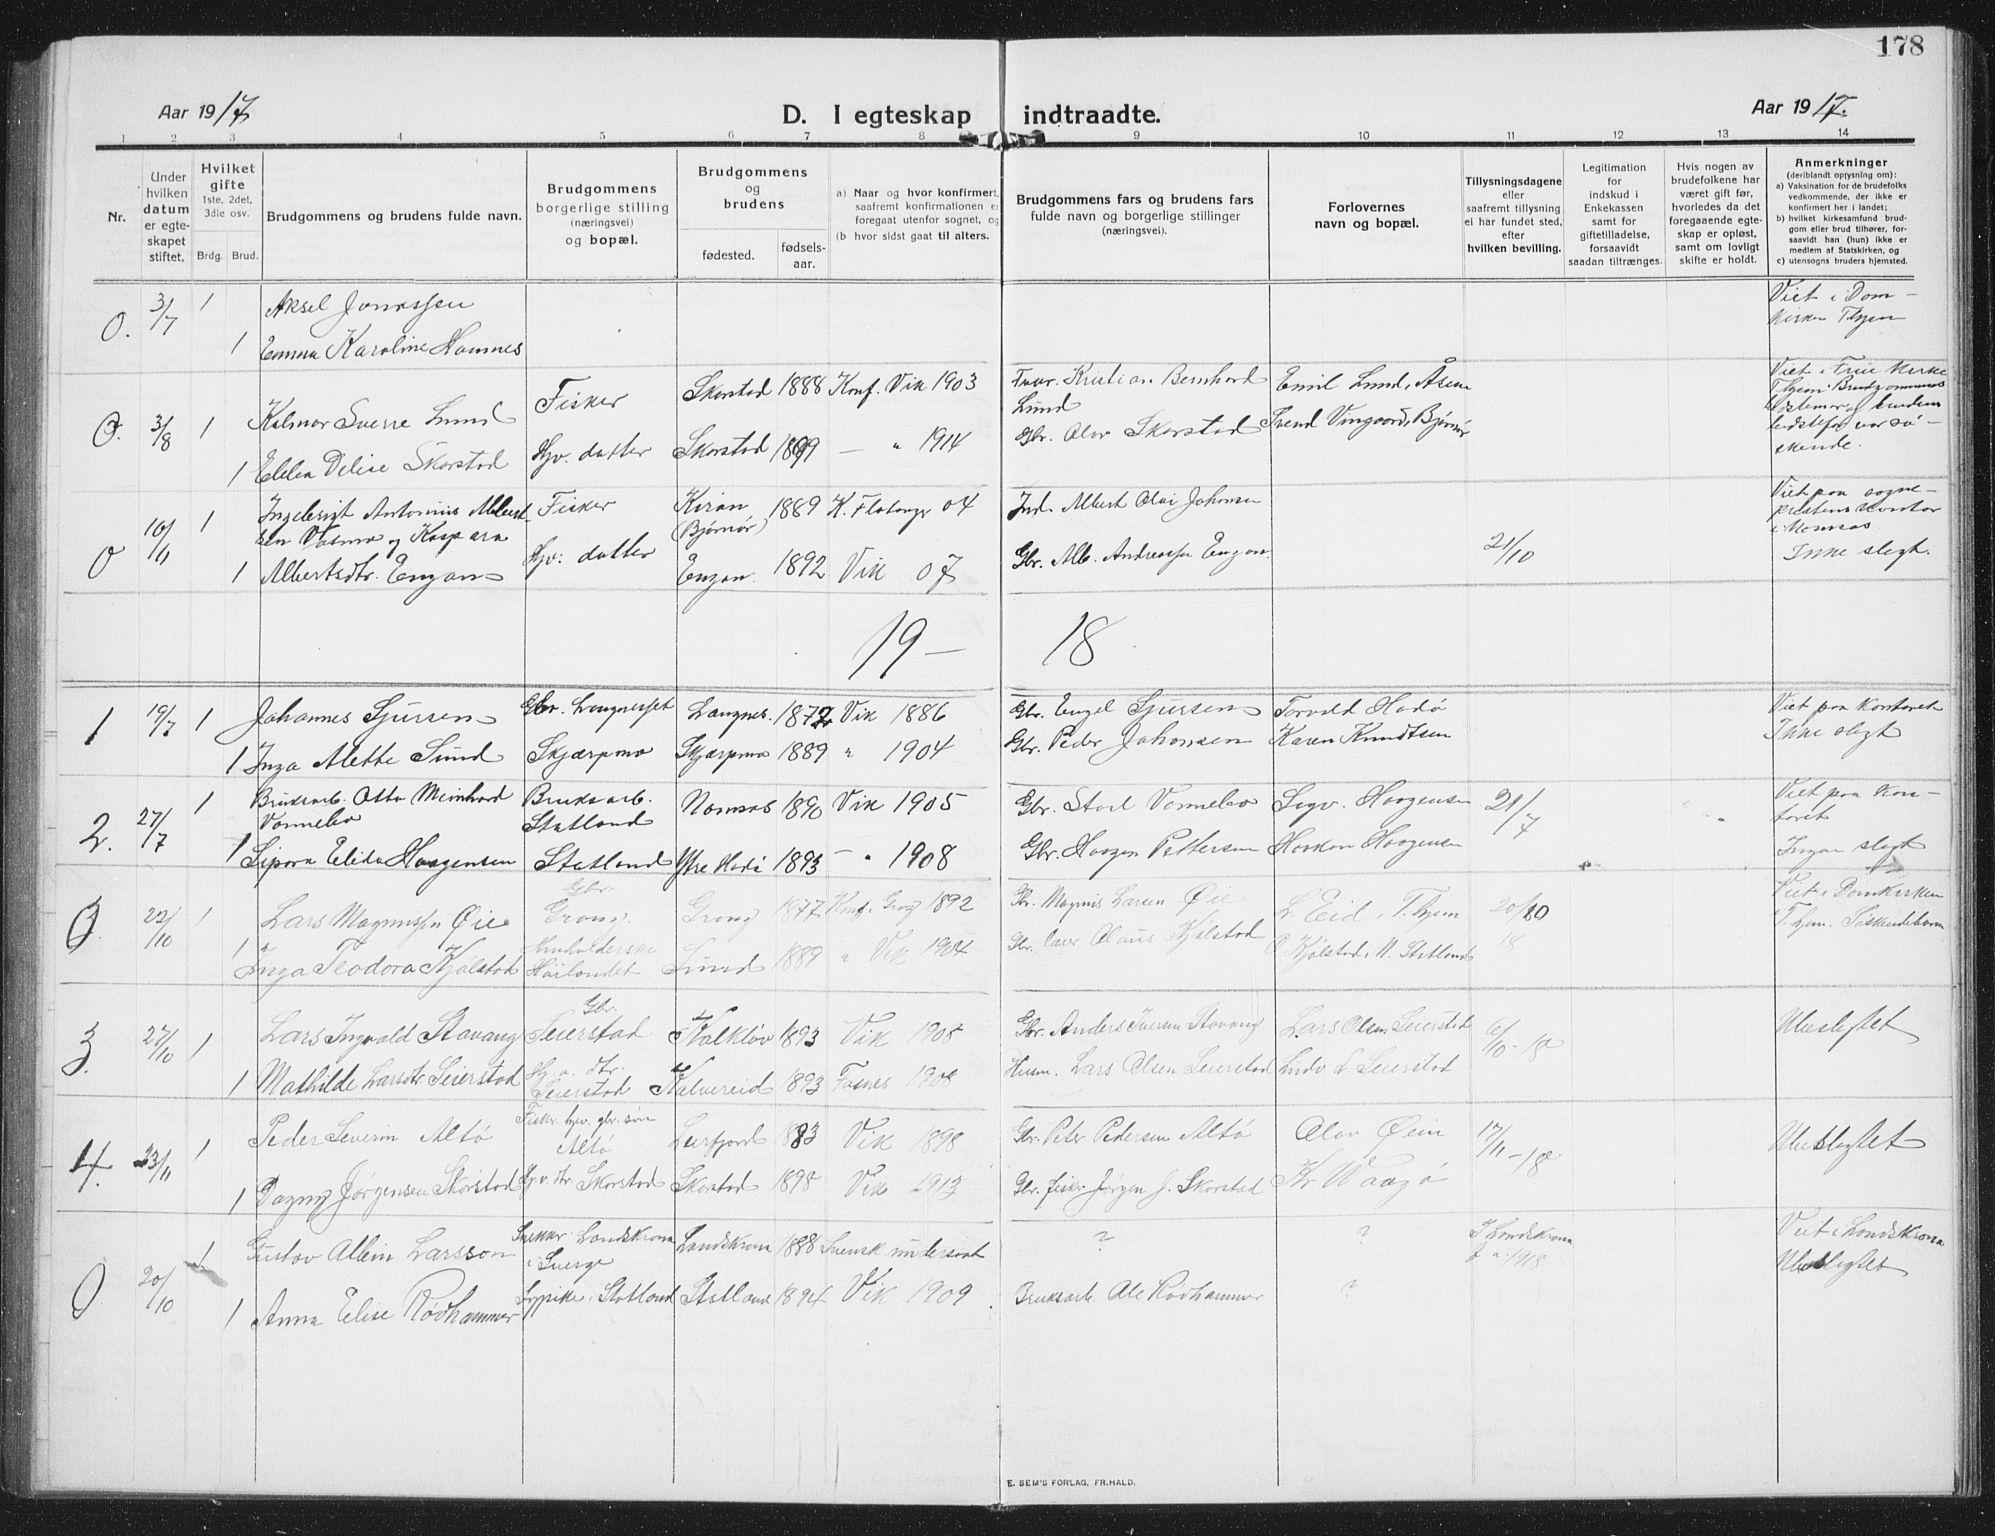 SAT, Ministerialprotokoller, klokkerbøker og fødselsregistre - Nord-Trøndelag, 774/L0630: Klokkerbok nr. 774C01, 1910-1934, s. 178